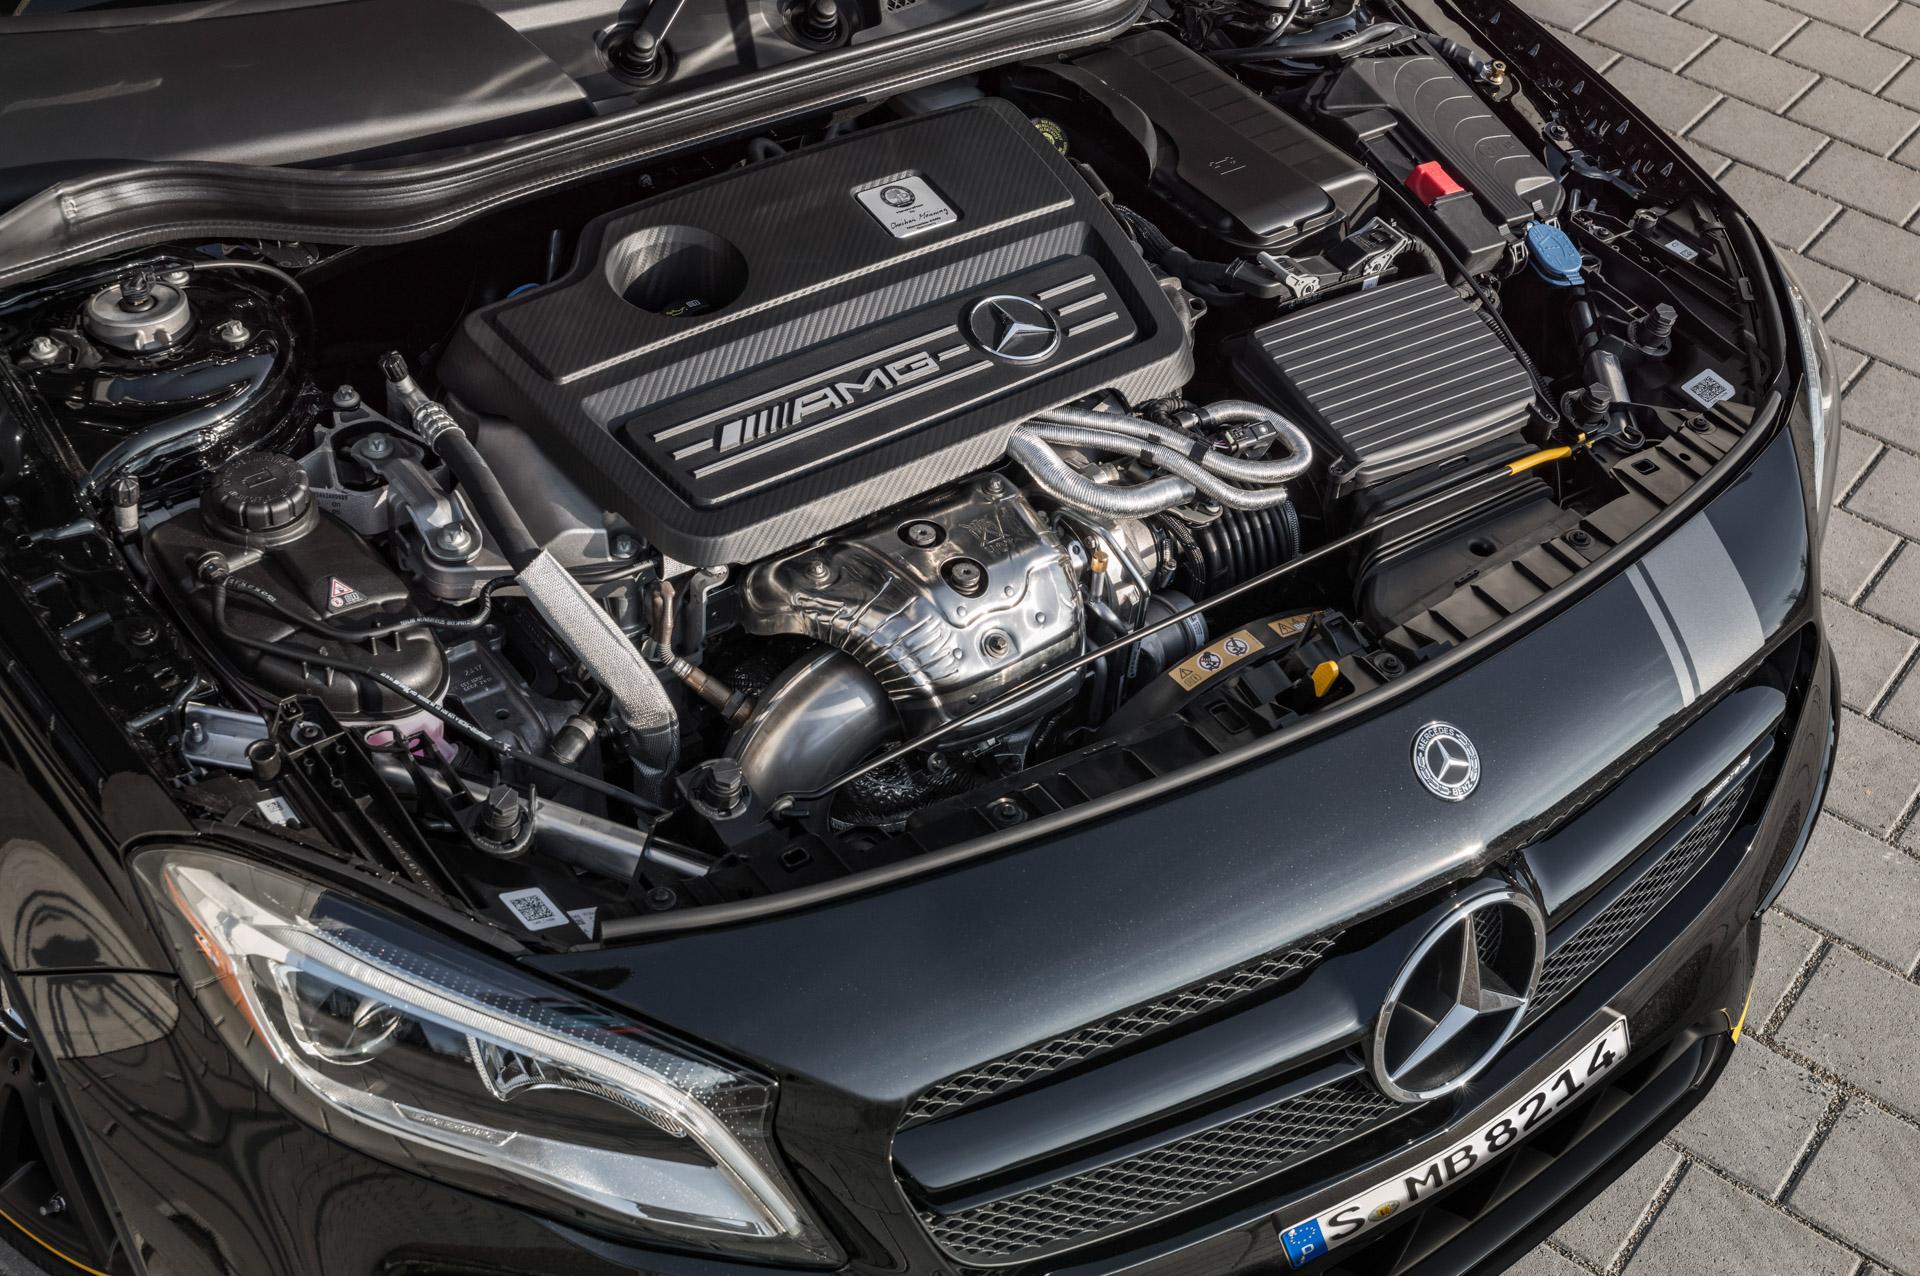 Mercedes-Benz AMG GLA 45 4MATIC Yellow Night Edition, cosmosschwarz ;Kraftstoffverbrauch kombiniert: 7,4 l/100 km, CO2-Emissionen kombiniert: 172 g/km Mercedes-Benz AMG GLA 45 4MATIC Yellow Night Edition, cosmos black; Fuel consumption combined:  7.4 l/100 km; Combined CO2 emissions: 172 g/km